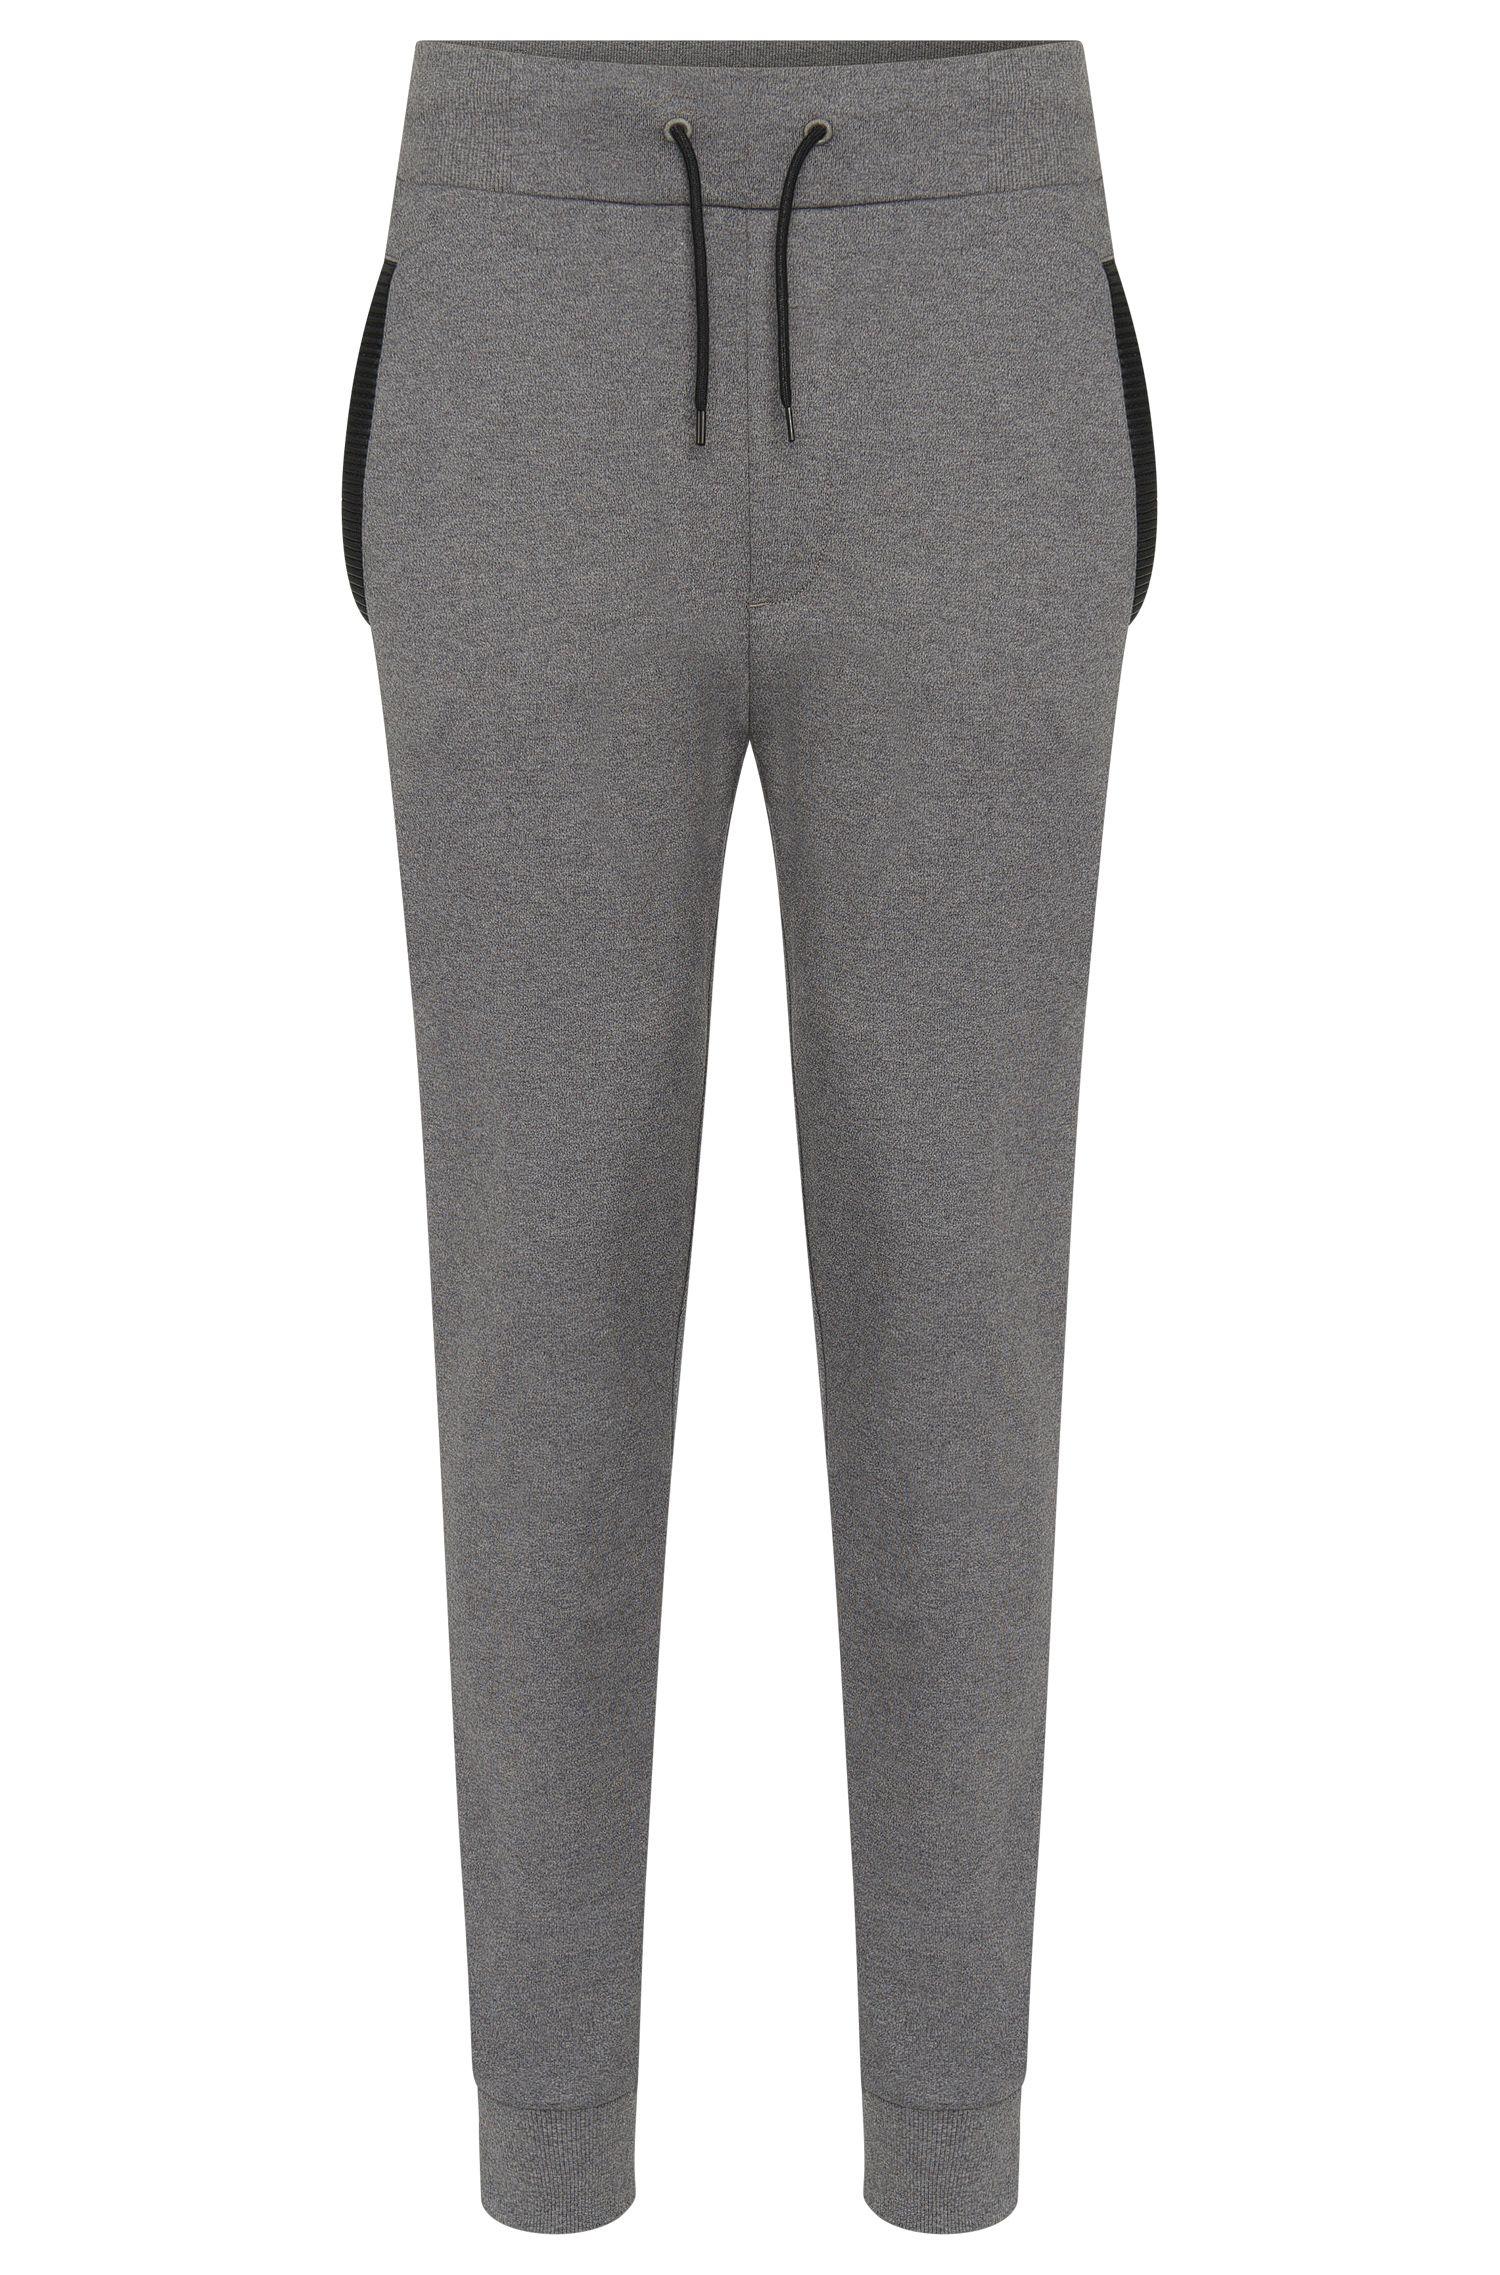 'Drontier'   Cotton Drawstring Sweatpants